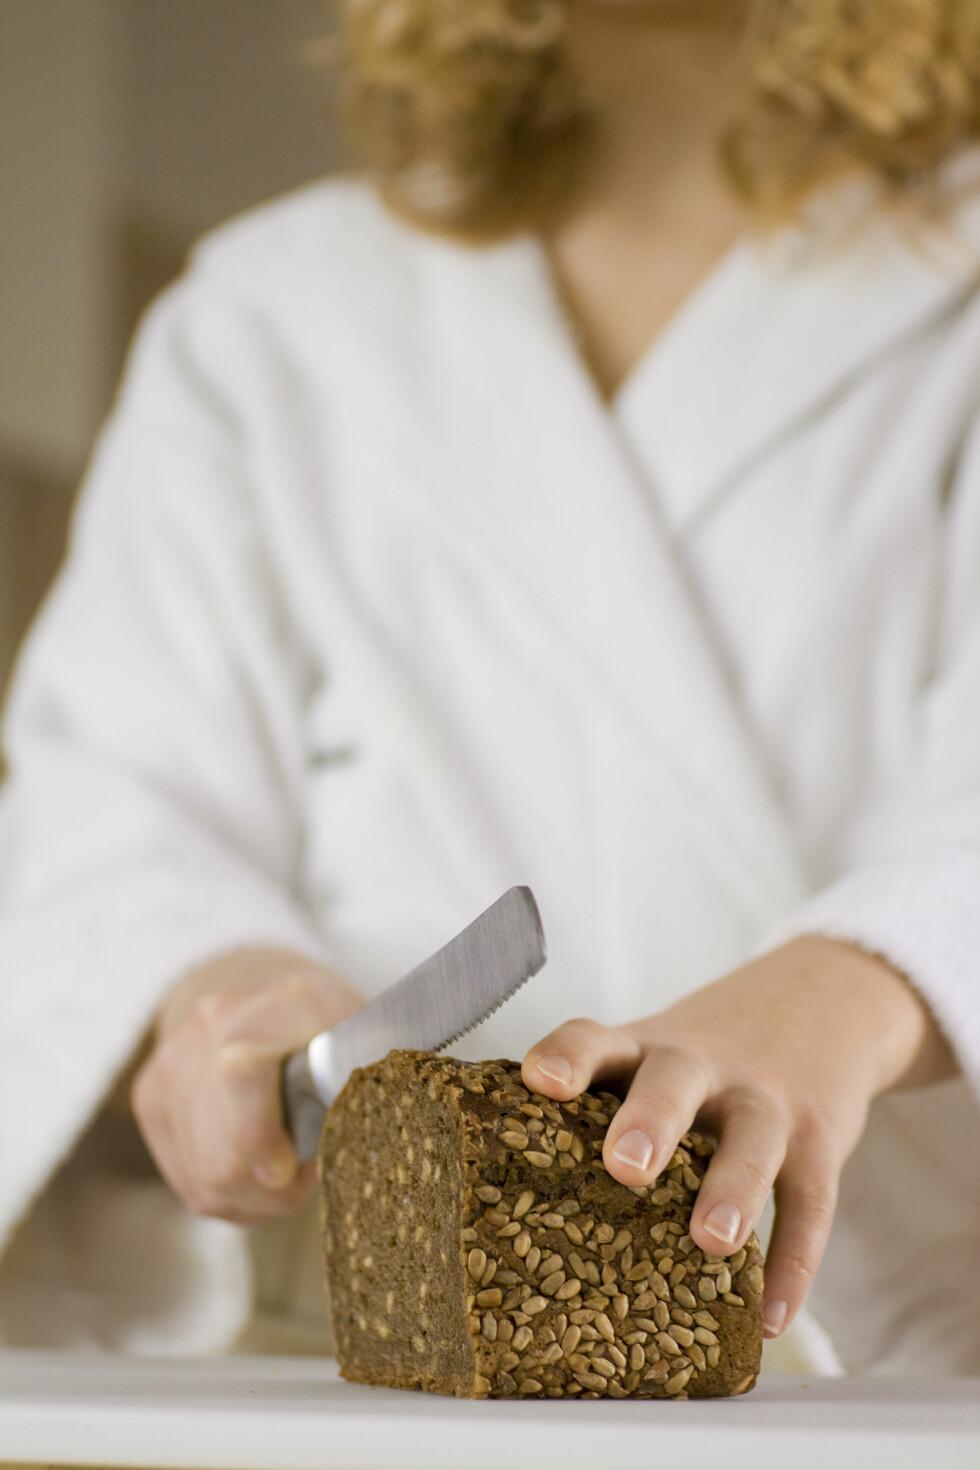 FULLKORN: Velg grovt brød og andre fullkornsprodukter, da får du i deg masse godt fiber. Foto: Plainpicture